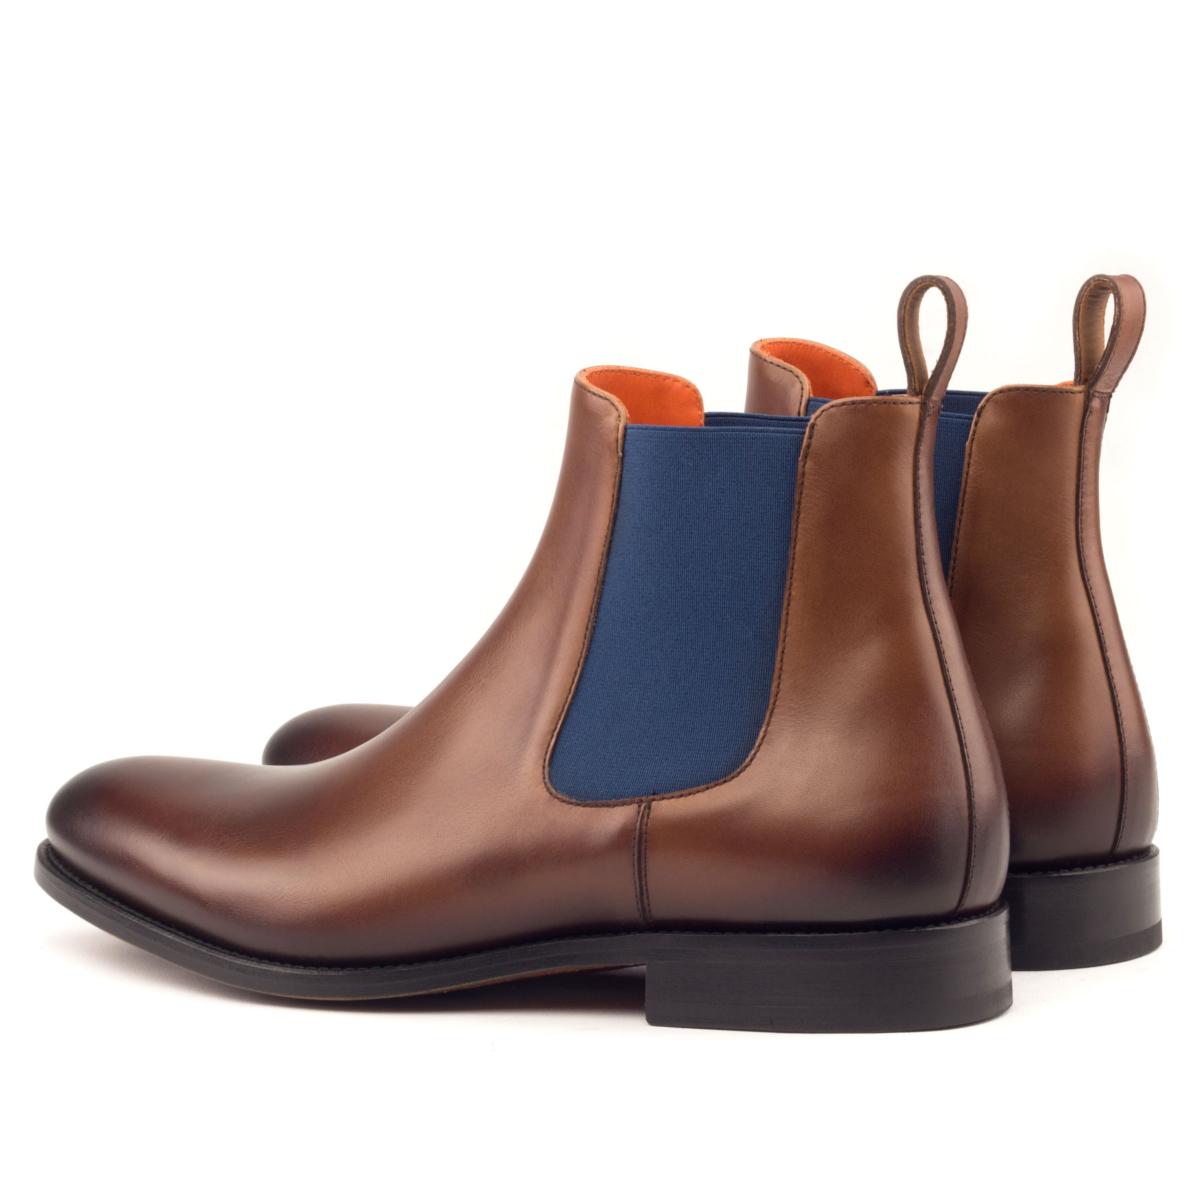 Chelsea boot brown box calf